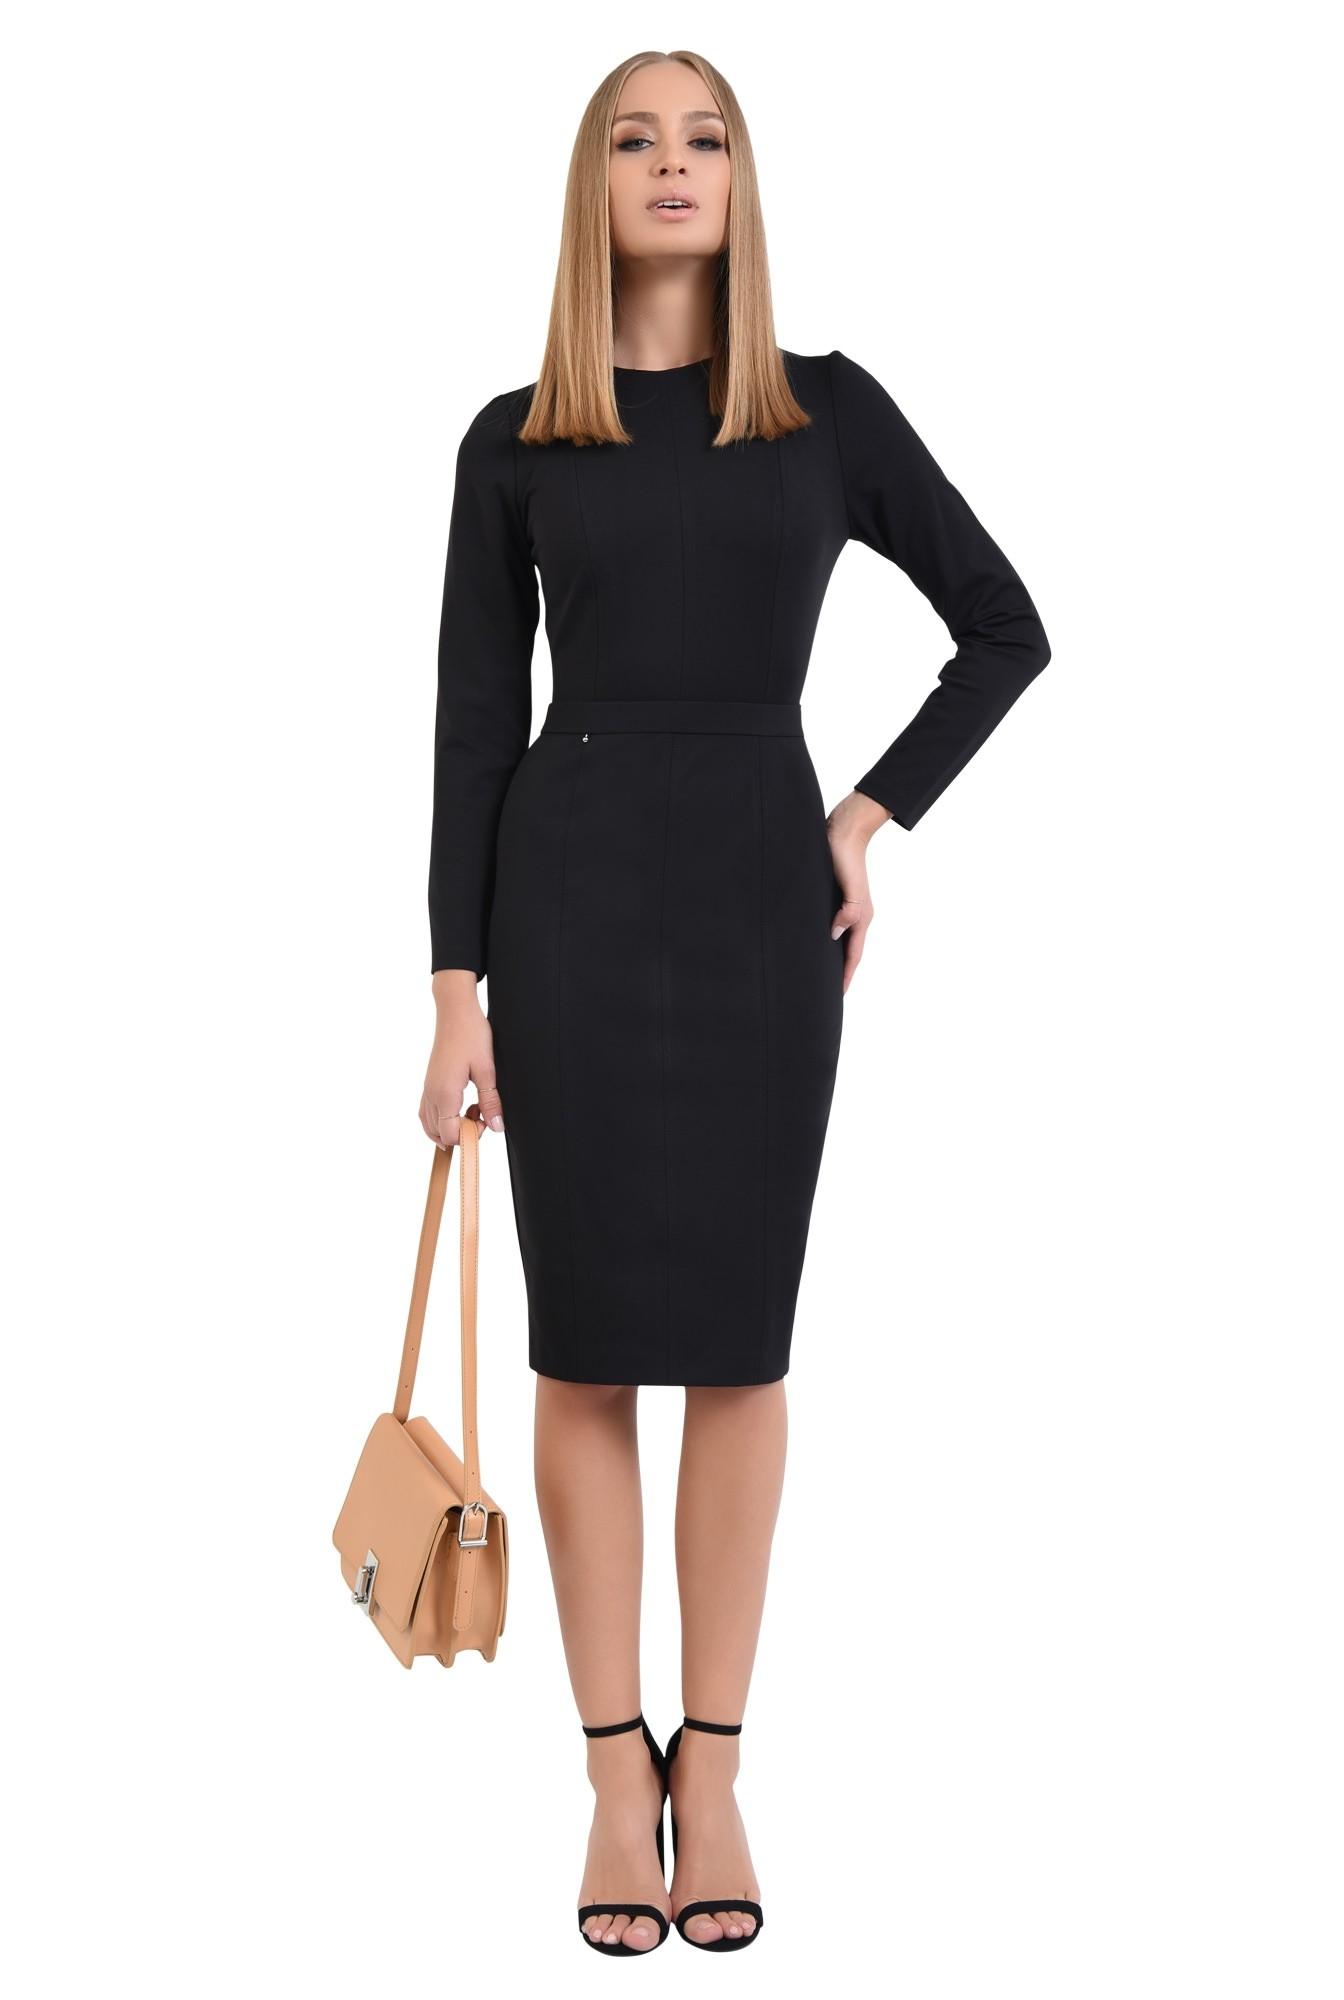 0 - 360 - rochie casual neagra, cusaturi decorative, decolteu rotund la baza gatului